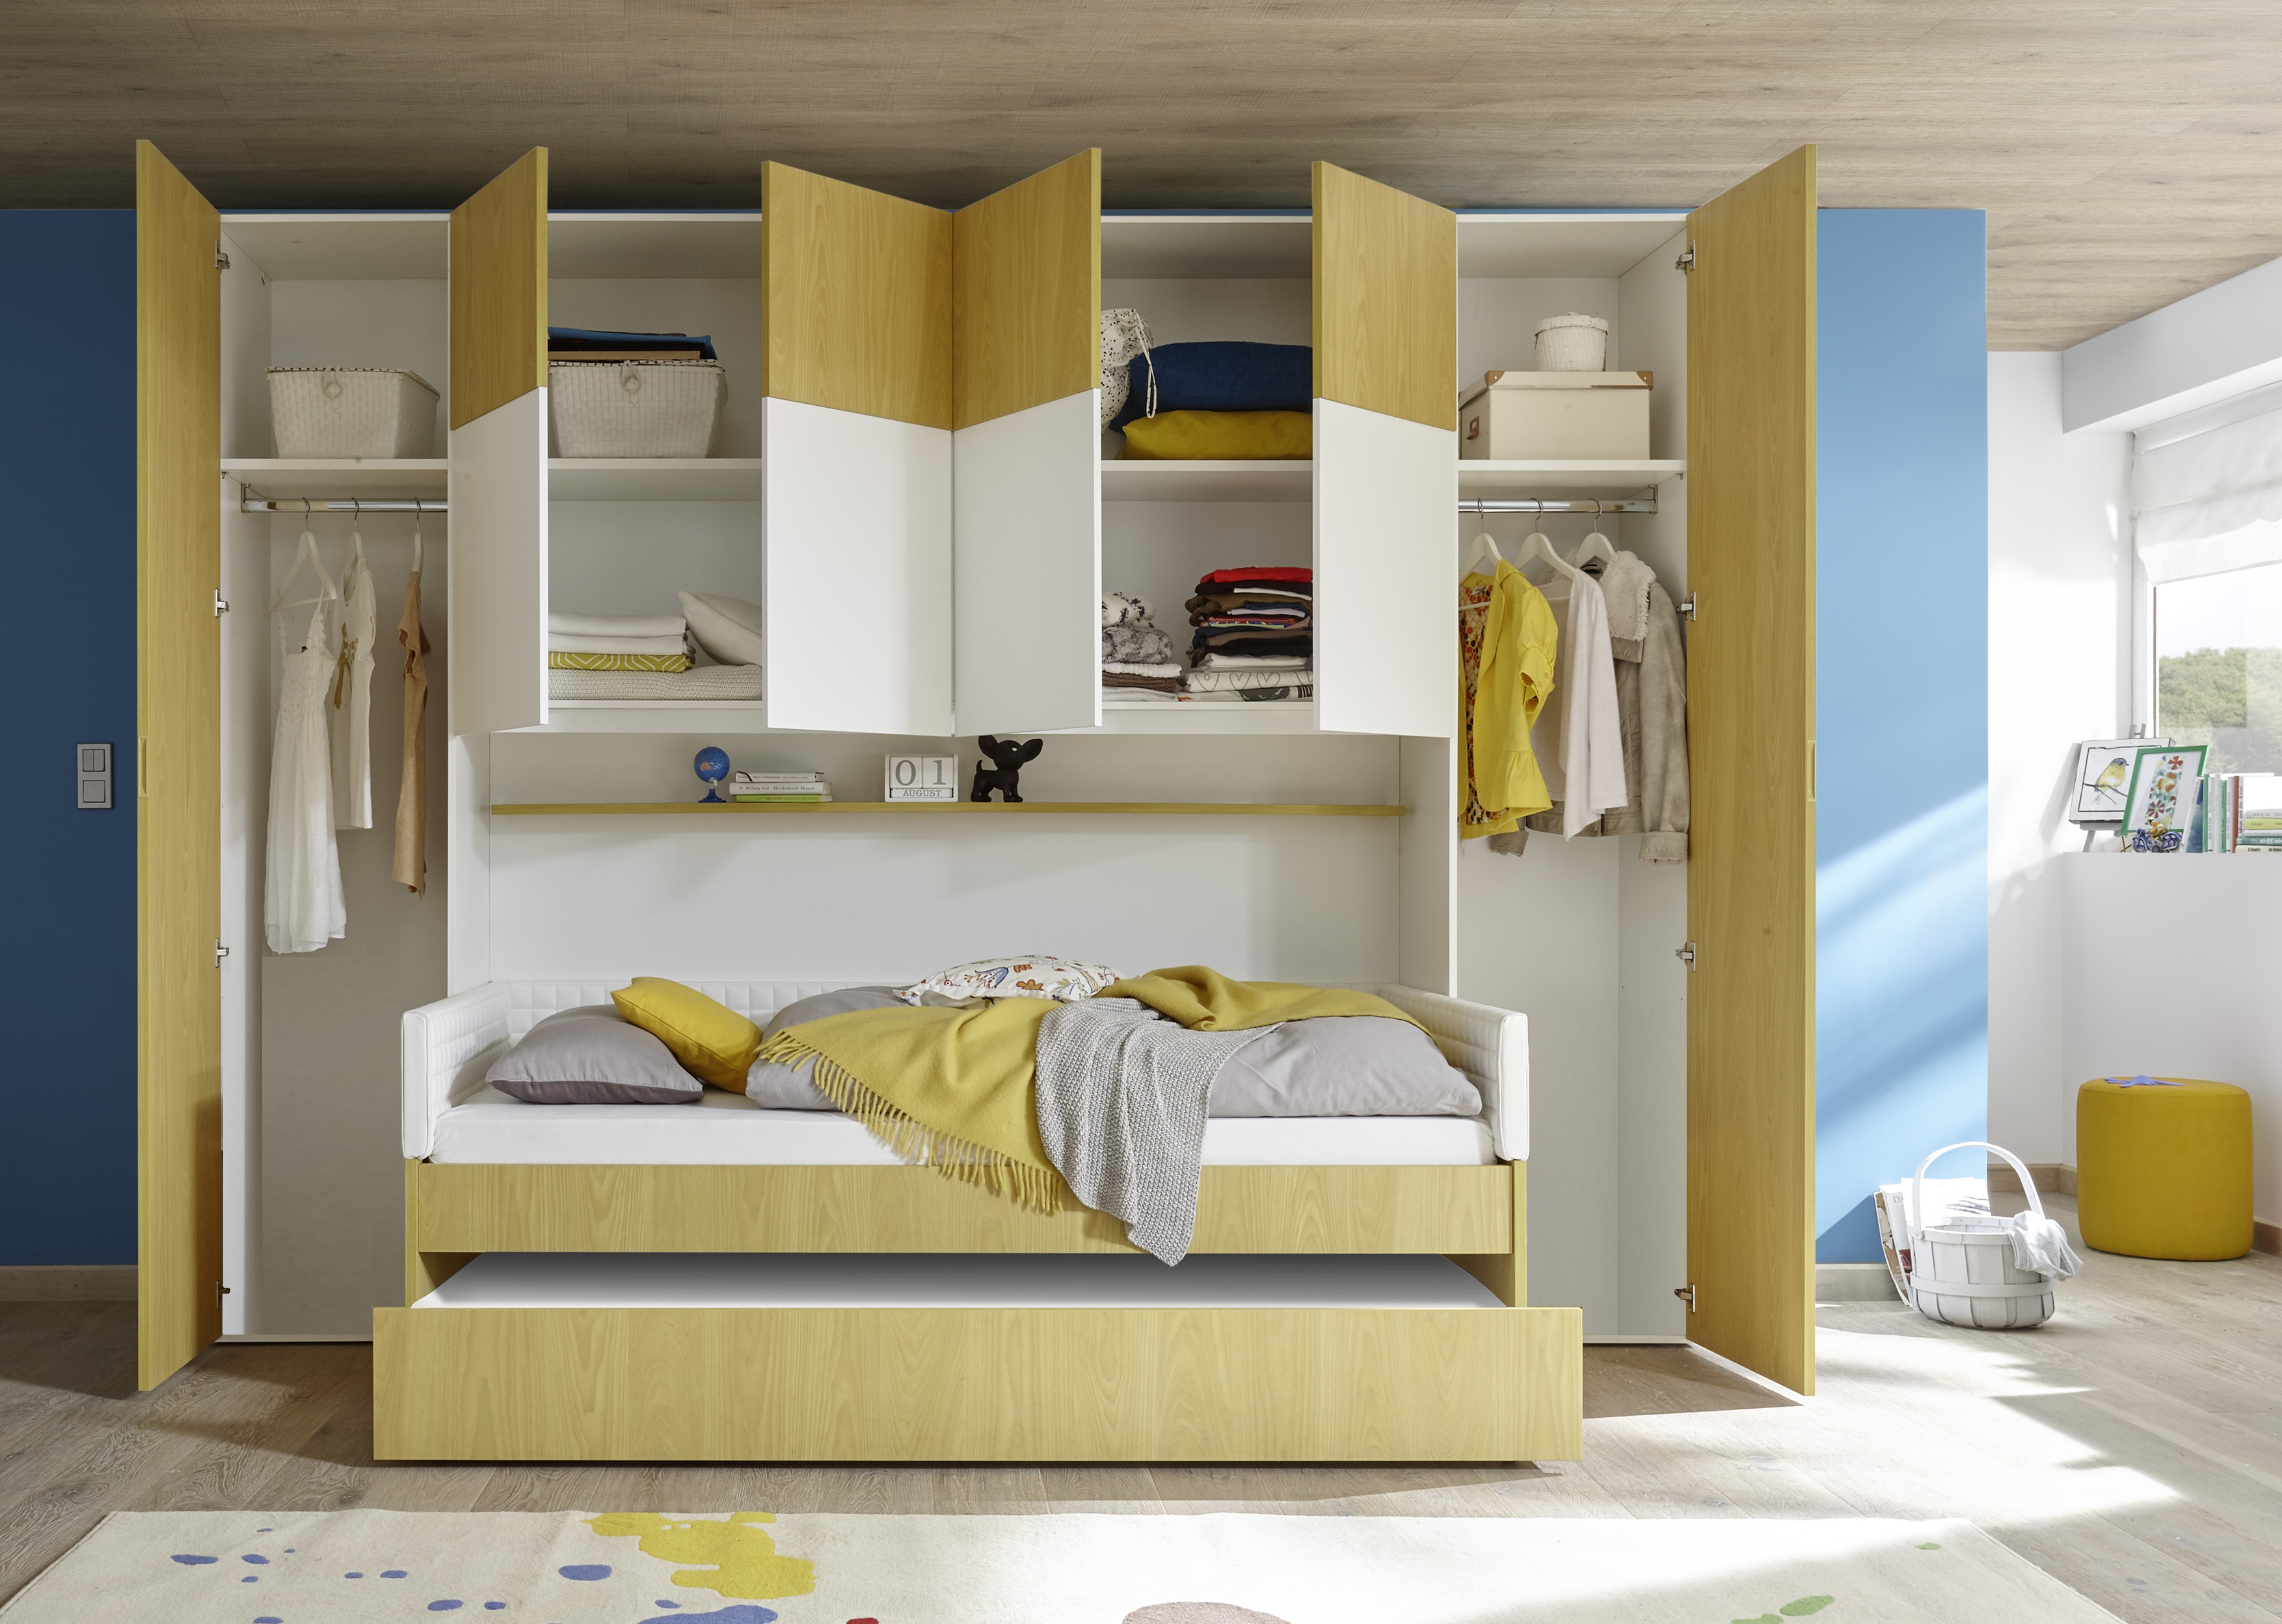 Kinderzimmer Set Enjoy-it Schrankelement inkl Bett 120x200cm in verschieden  Farben - yatego.com